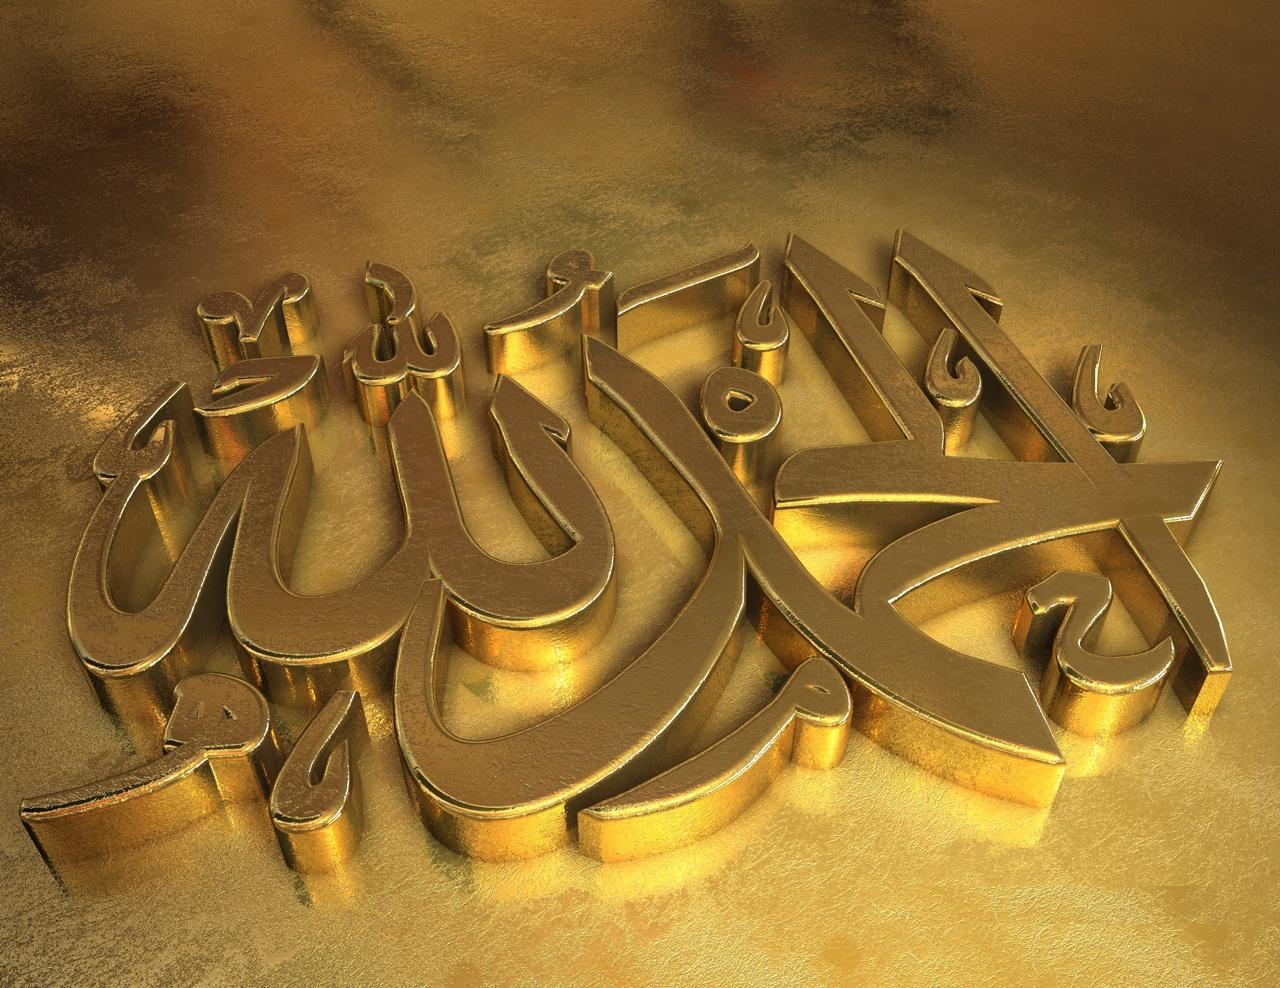 Wallpaper iphone kaligrafi - Islamic Wallpaper In Golden Color Allah Islam Quran Wallpapers